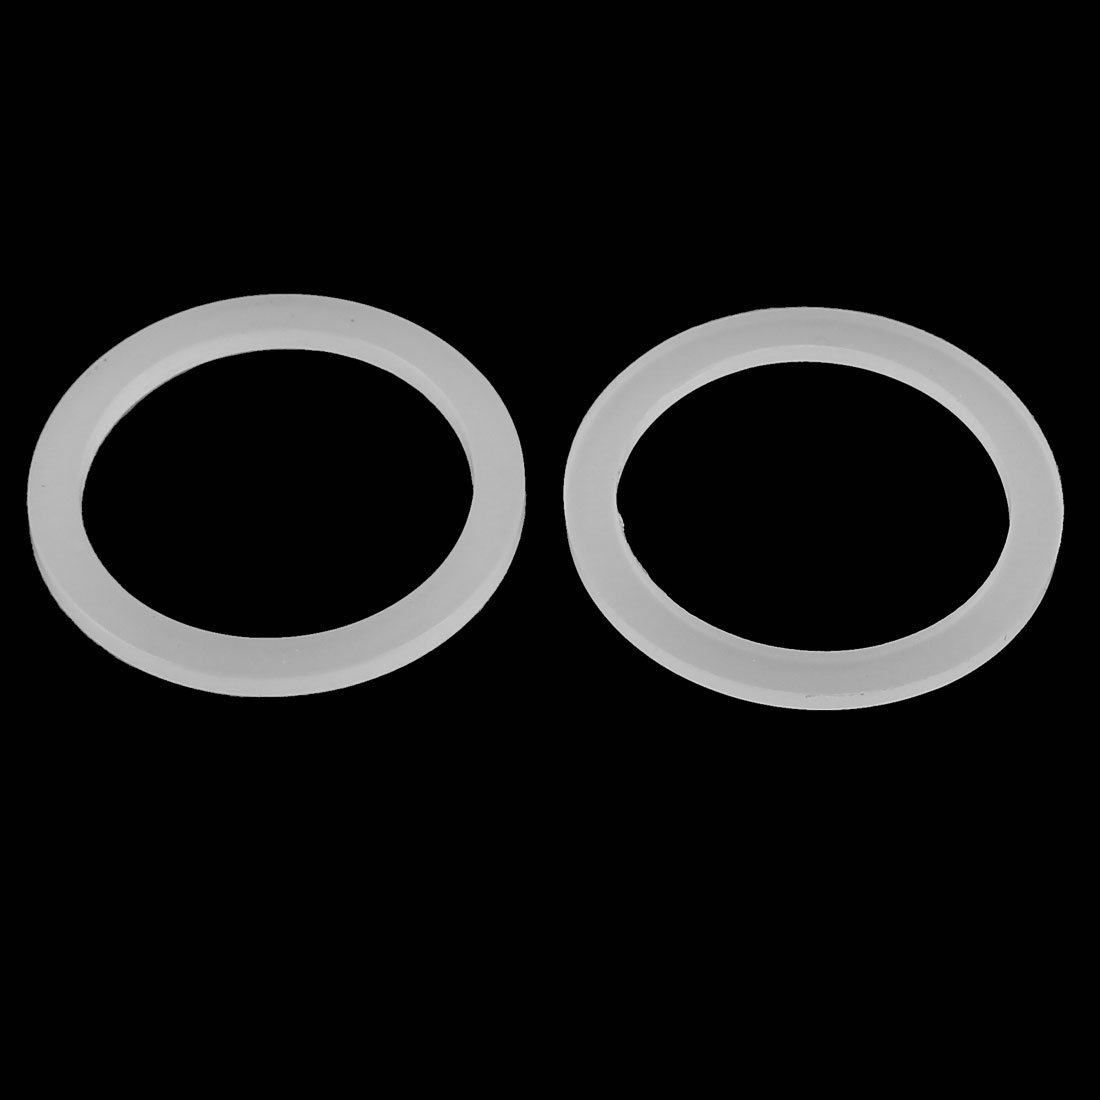 sourcingmap 10 St/ück Wei/ß 48 x 38 x 3mm Silikon O Ring Dichtung Dichtungsringe Dichtungen de